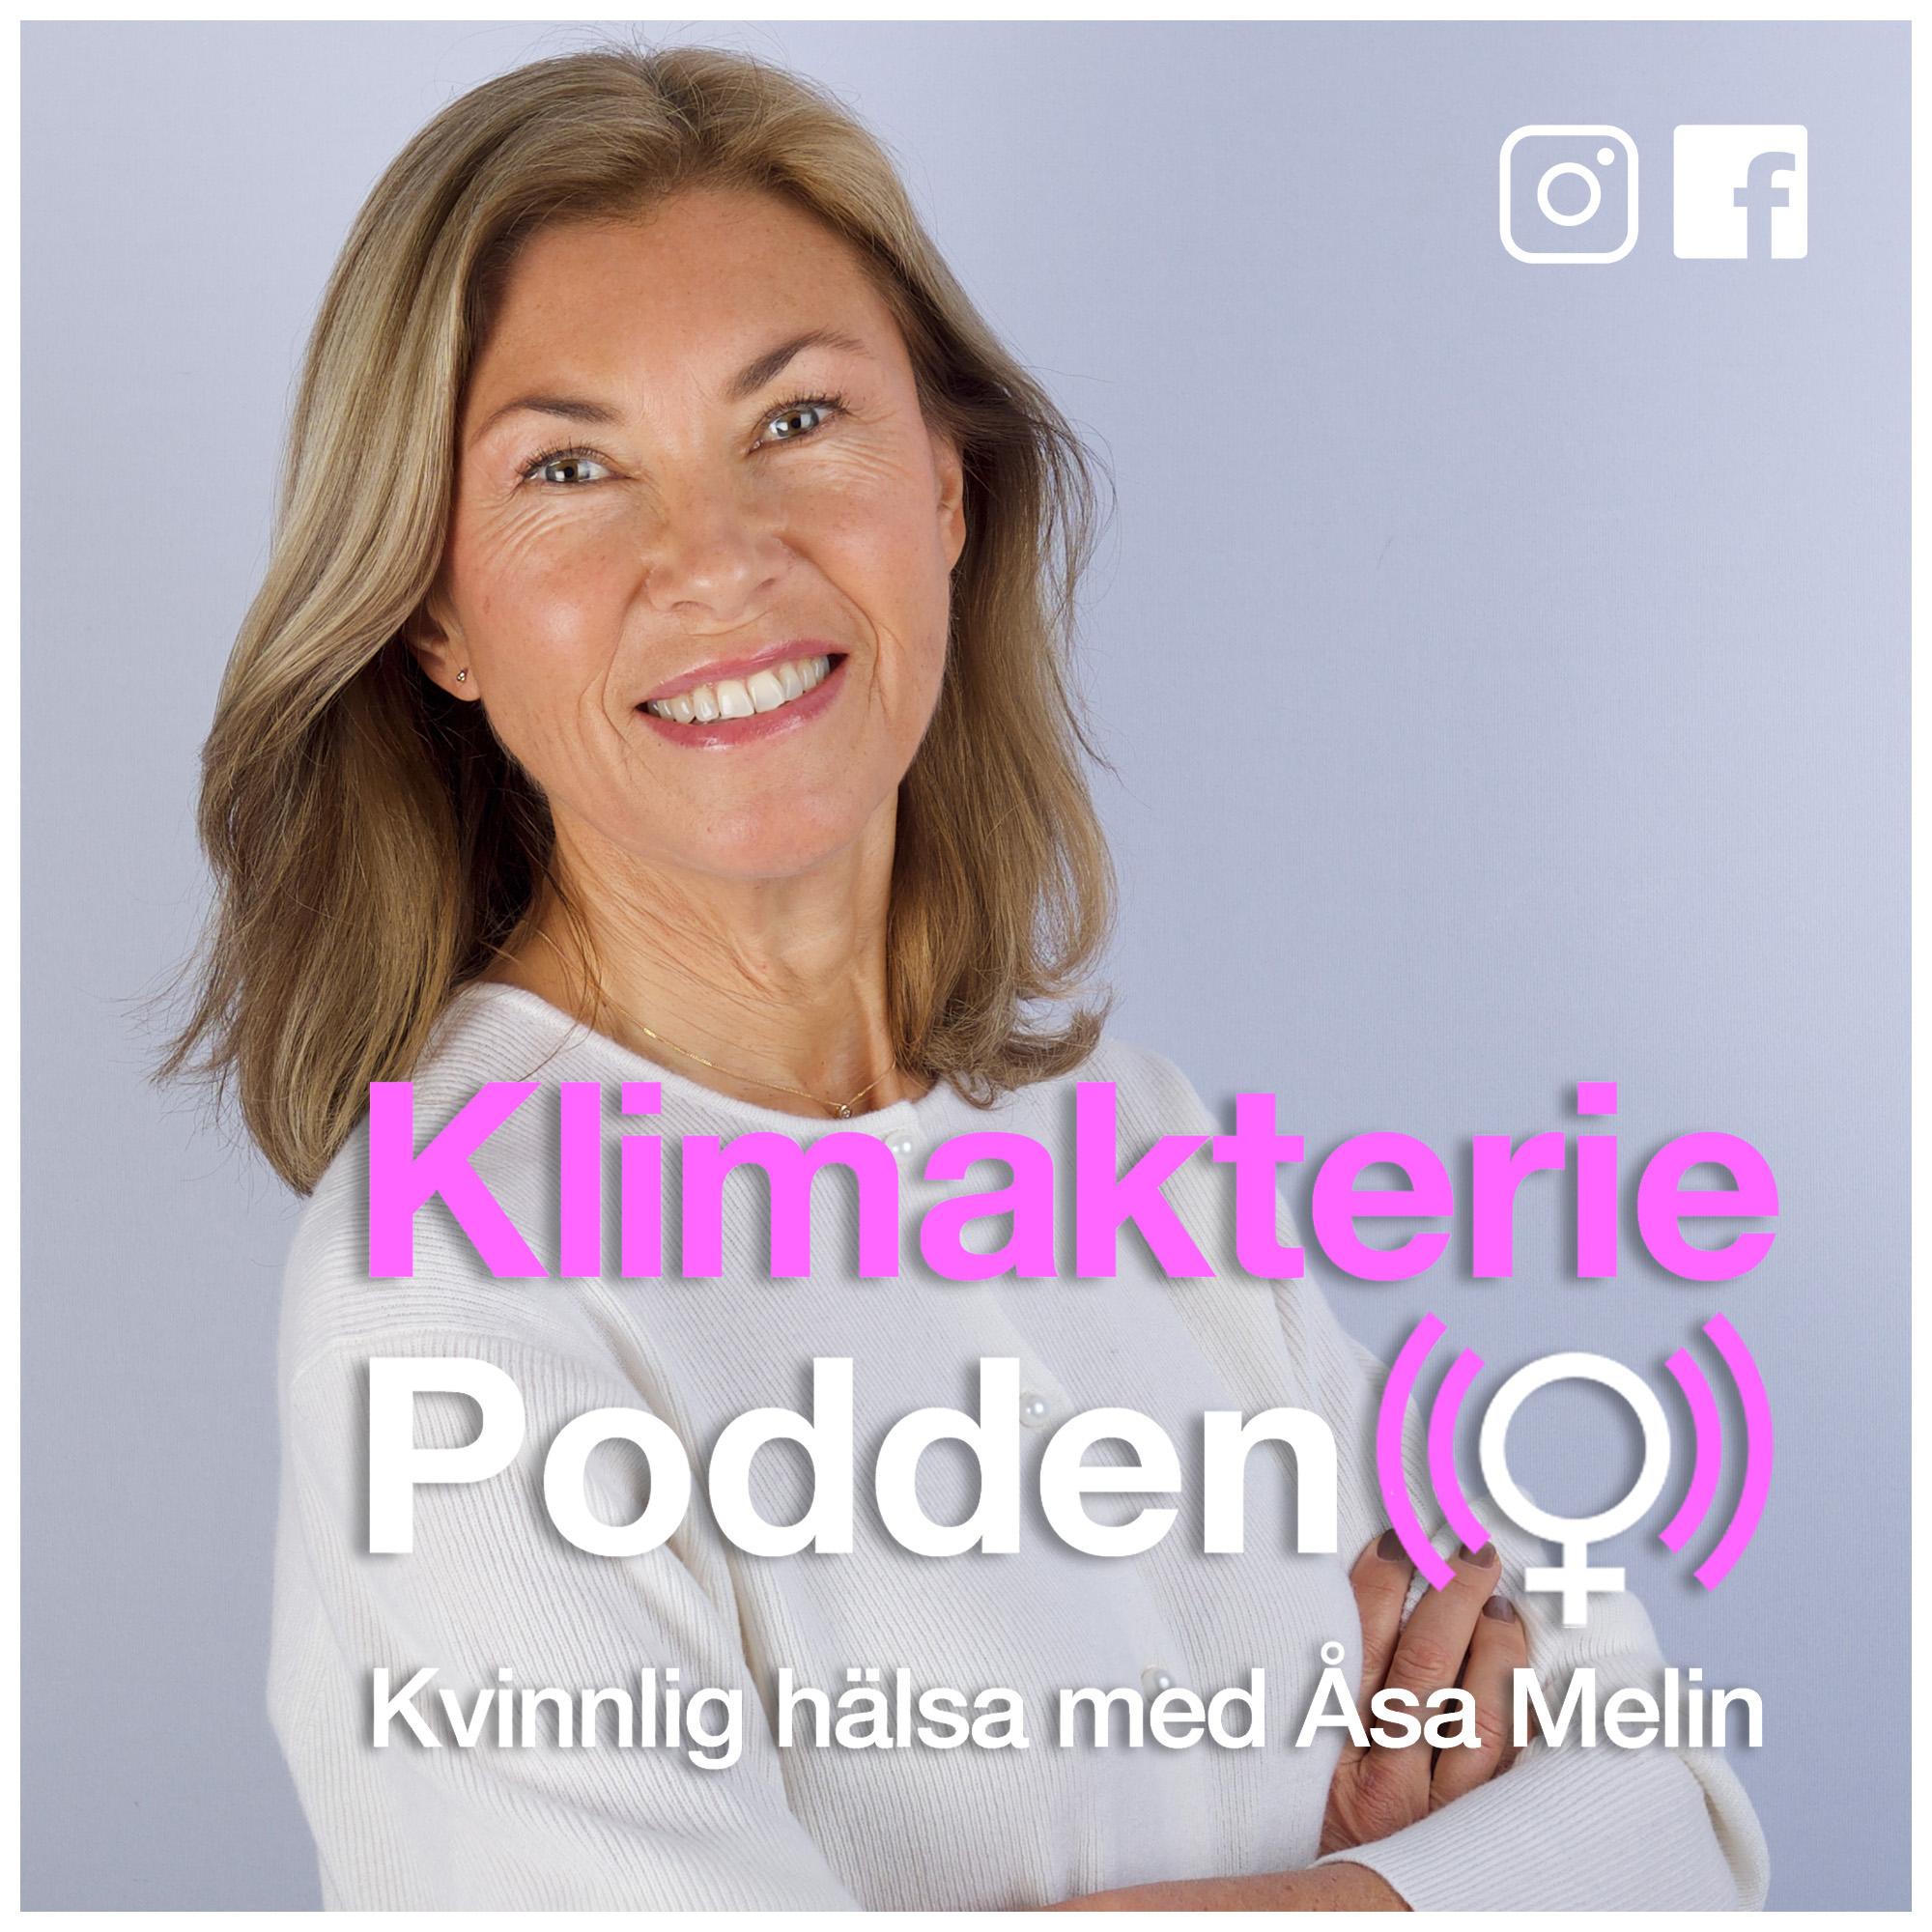 200.- Hur står det till med Angelica Lindén Hirschberg